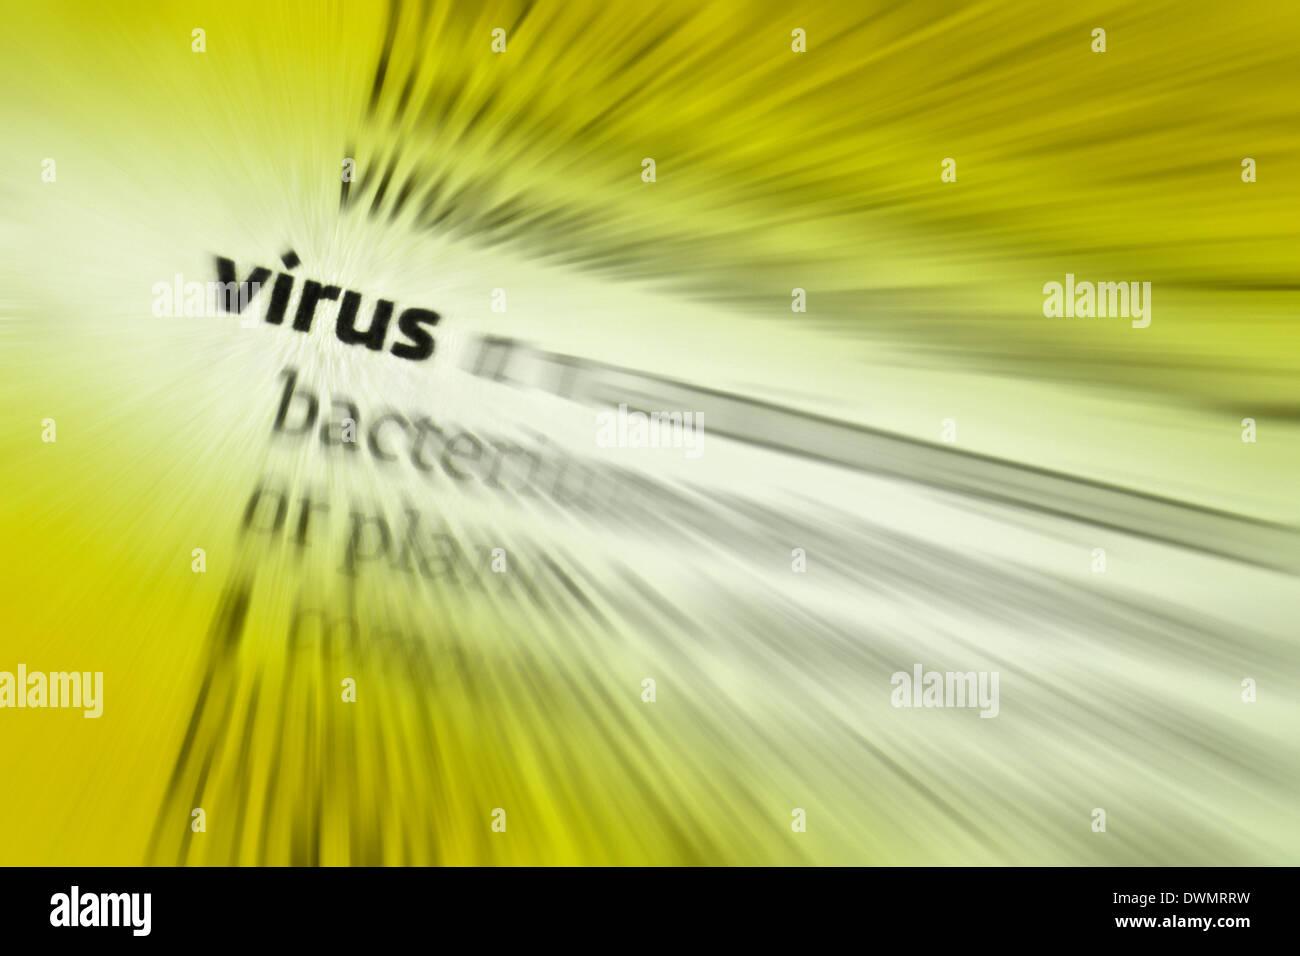 Virus - Stock Image